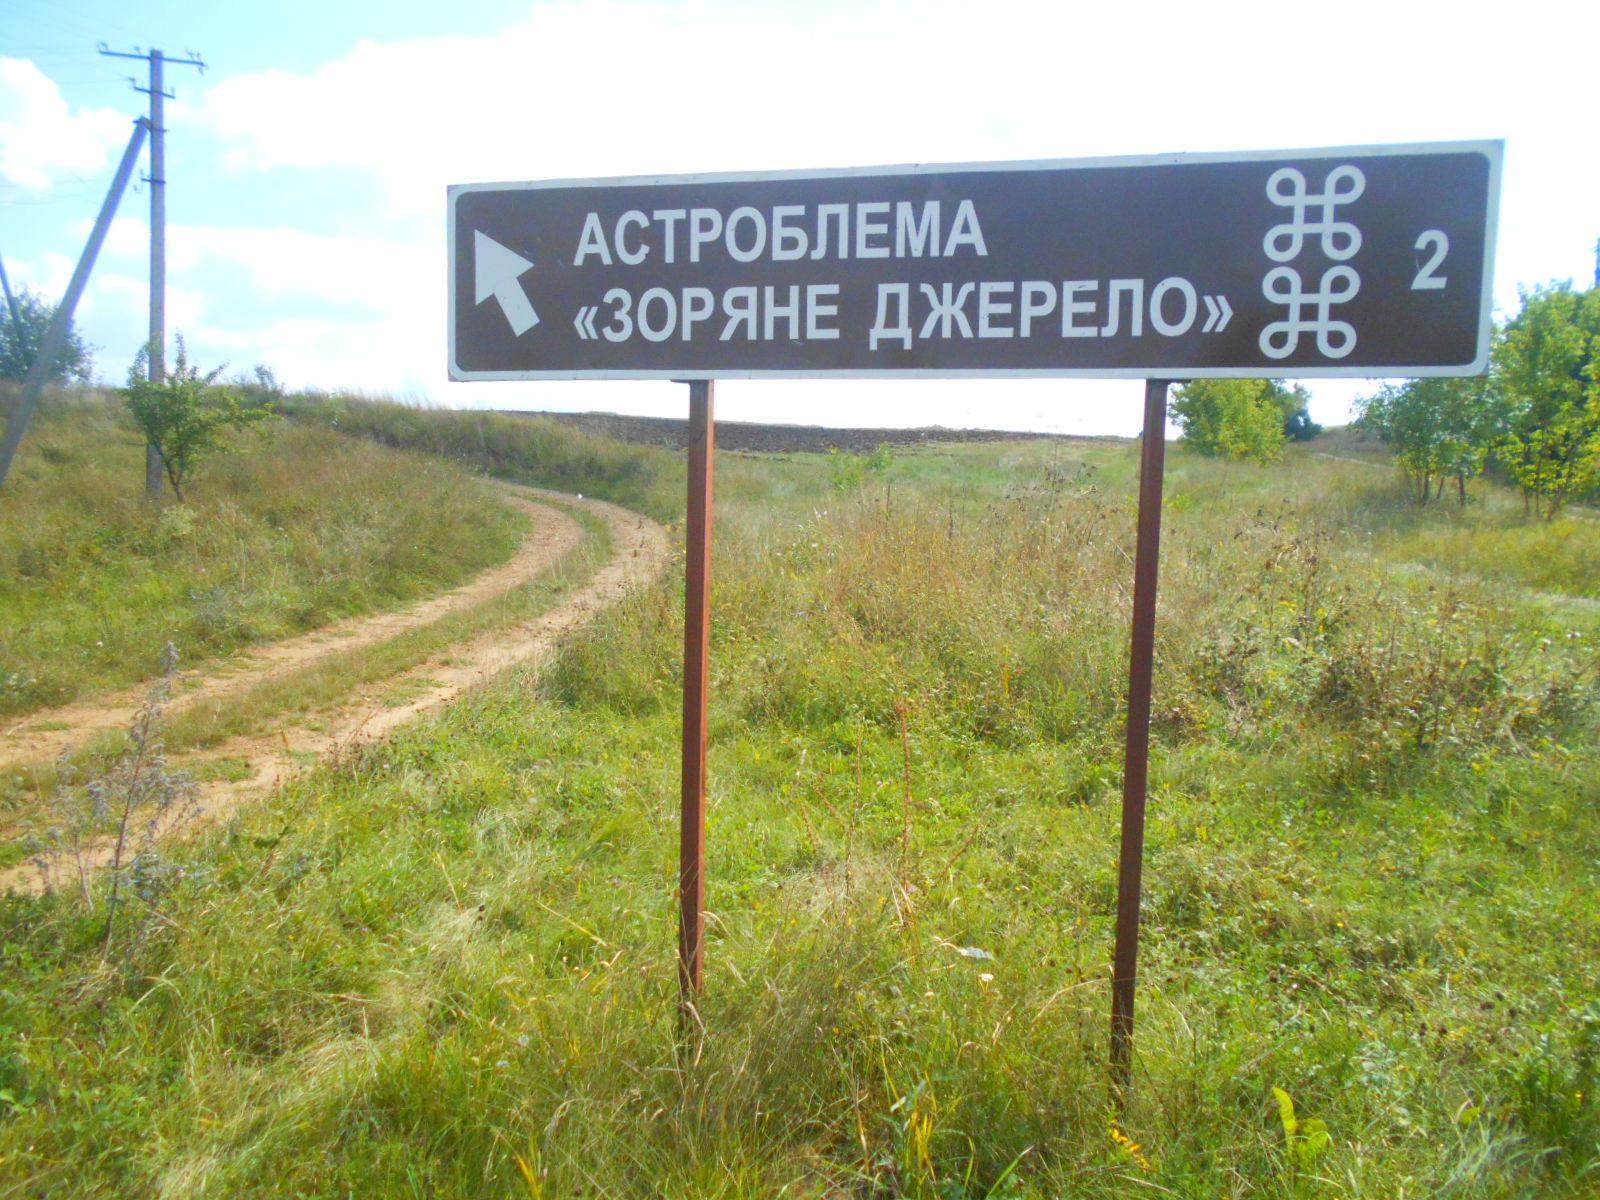 Ішов шпалами, готував на багатті, спав у лісі: чернігівський мандрівник розповів про другу подорож Україною. ФОТО